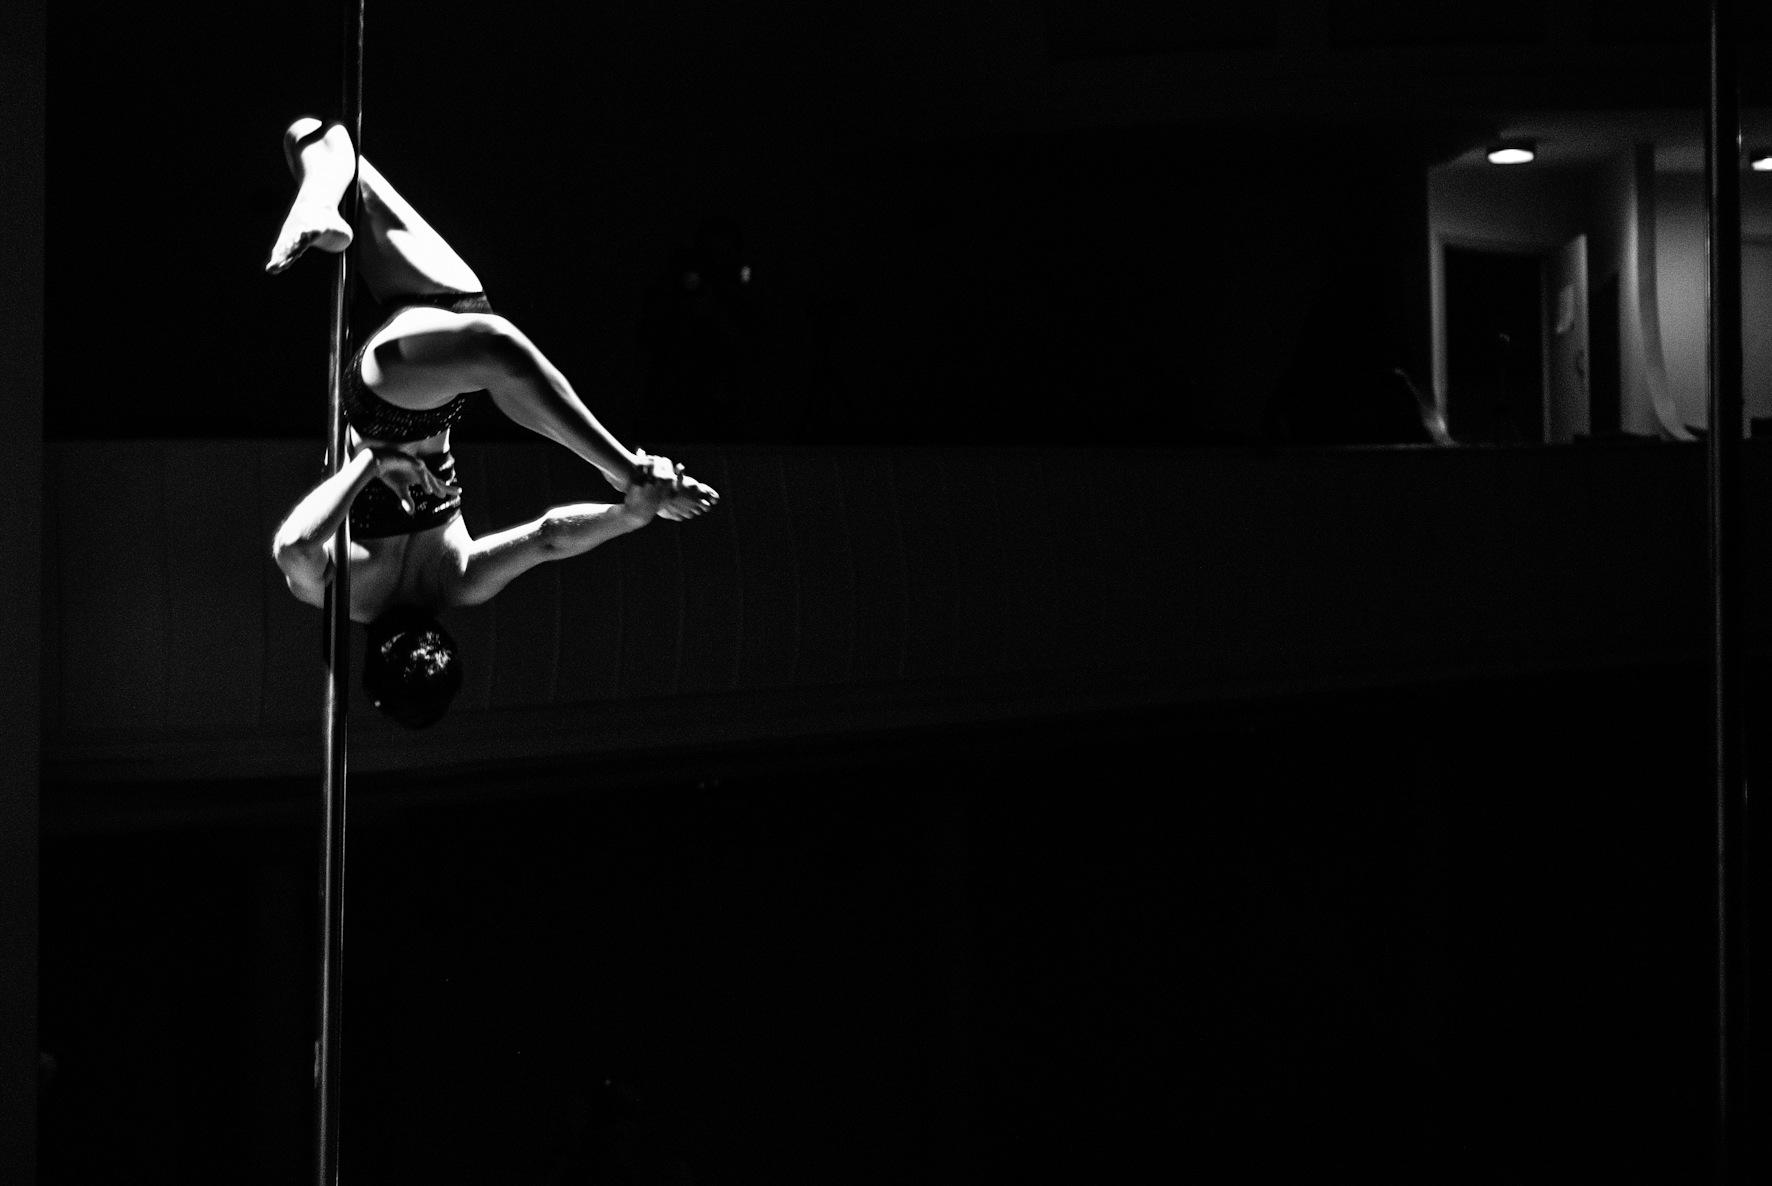 Šampionat u igranju na šipci u Brazilu 2012 - Stefano Maccarini via Flickr (CC BY-NC-SA 2.0)